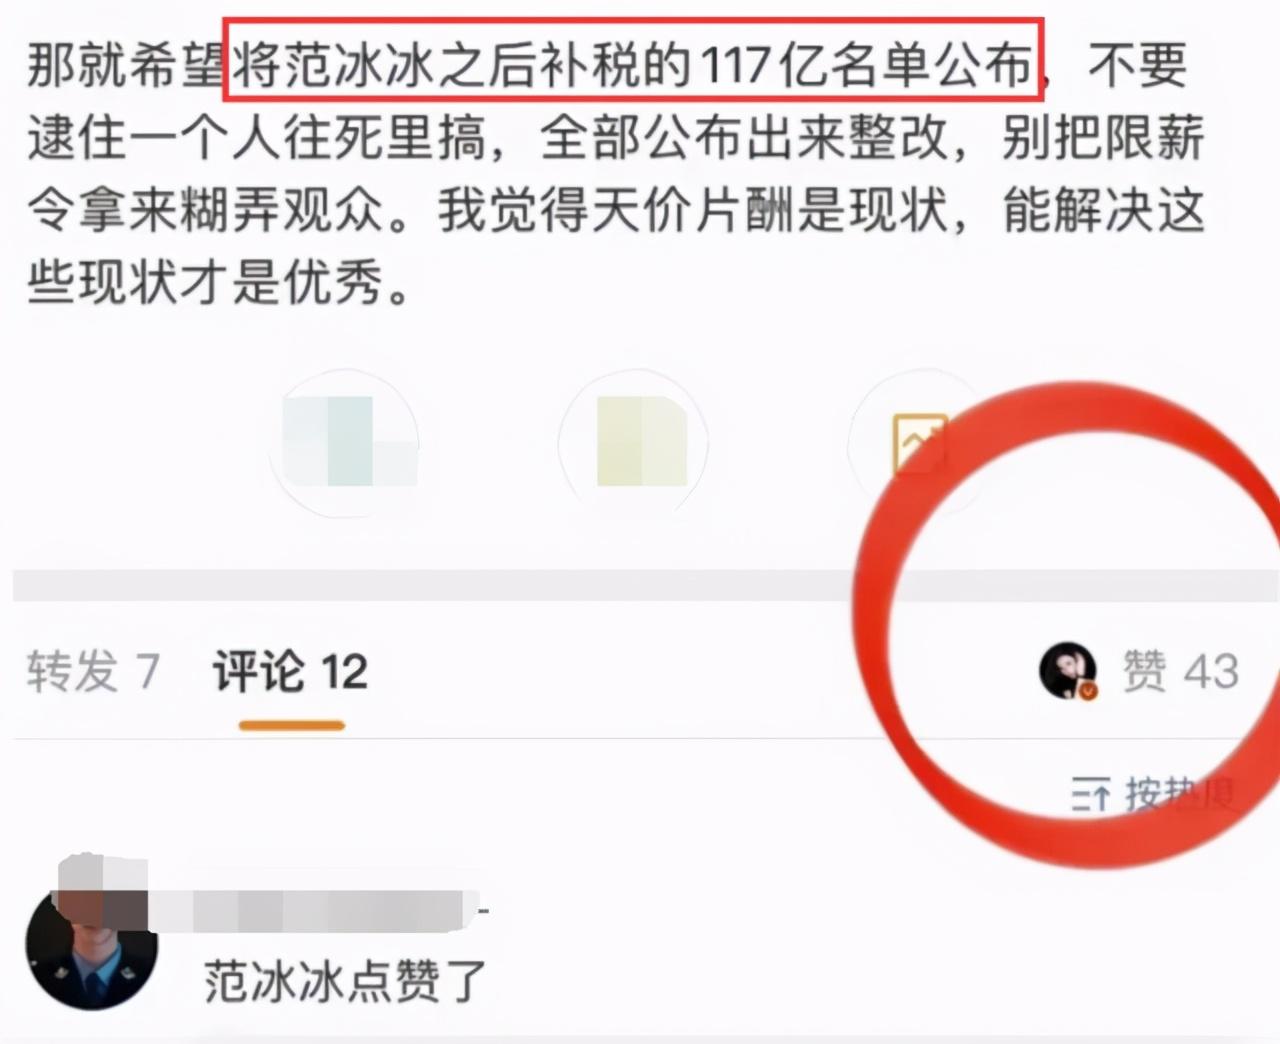 郑爽偷税漏税后,660多家艺人工作室注销,但不影响后续追责